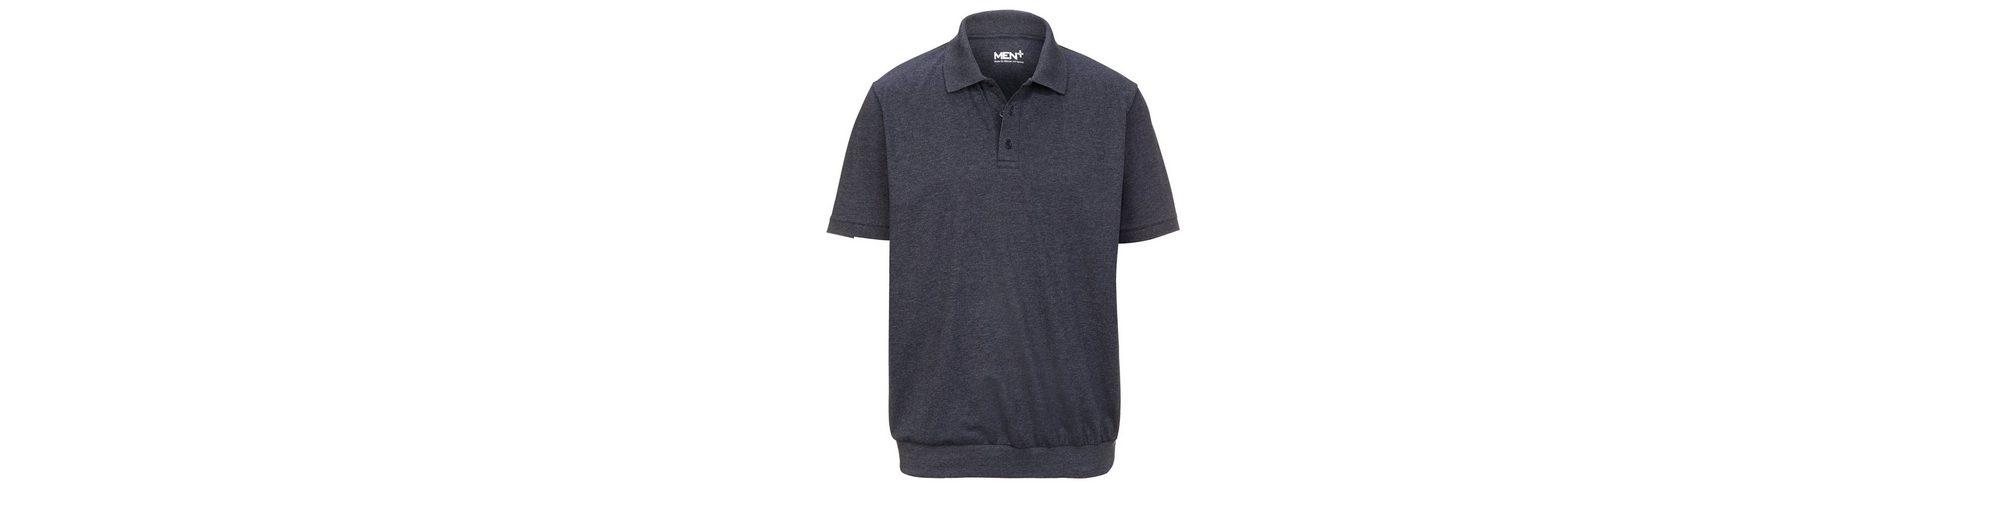 Heißen Verkauf Zum Verkauf Neuankömmling Men Plus by Happy Size Spezial-Bauchschnitt Poloshirt Günstig Kaufen Billig Verkauf Rabatte Günstig Kaufen Bequem YmtKOyZl6